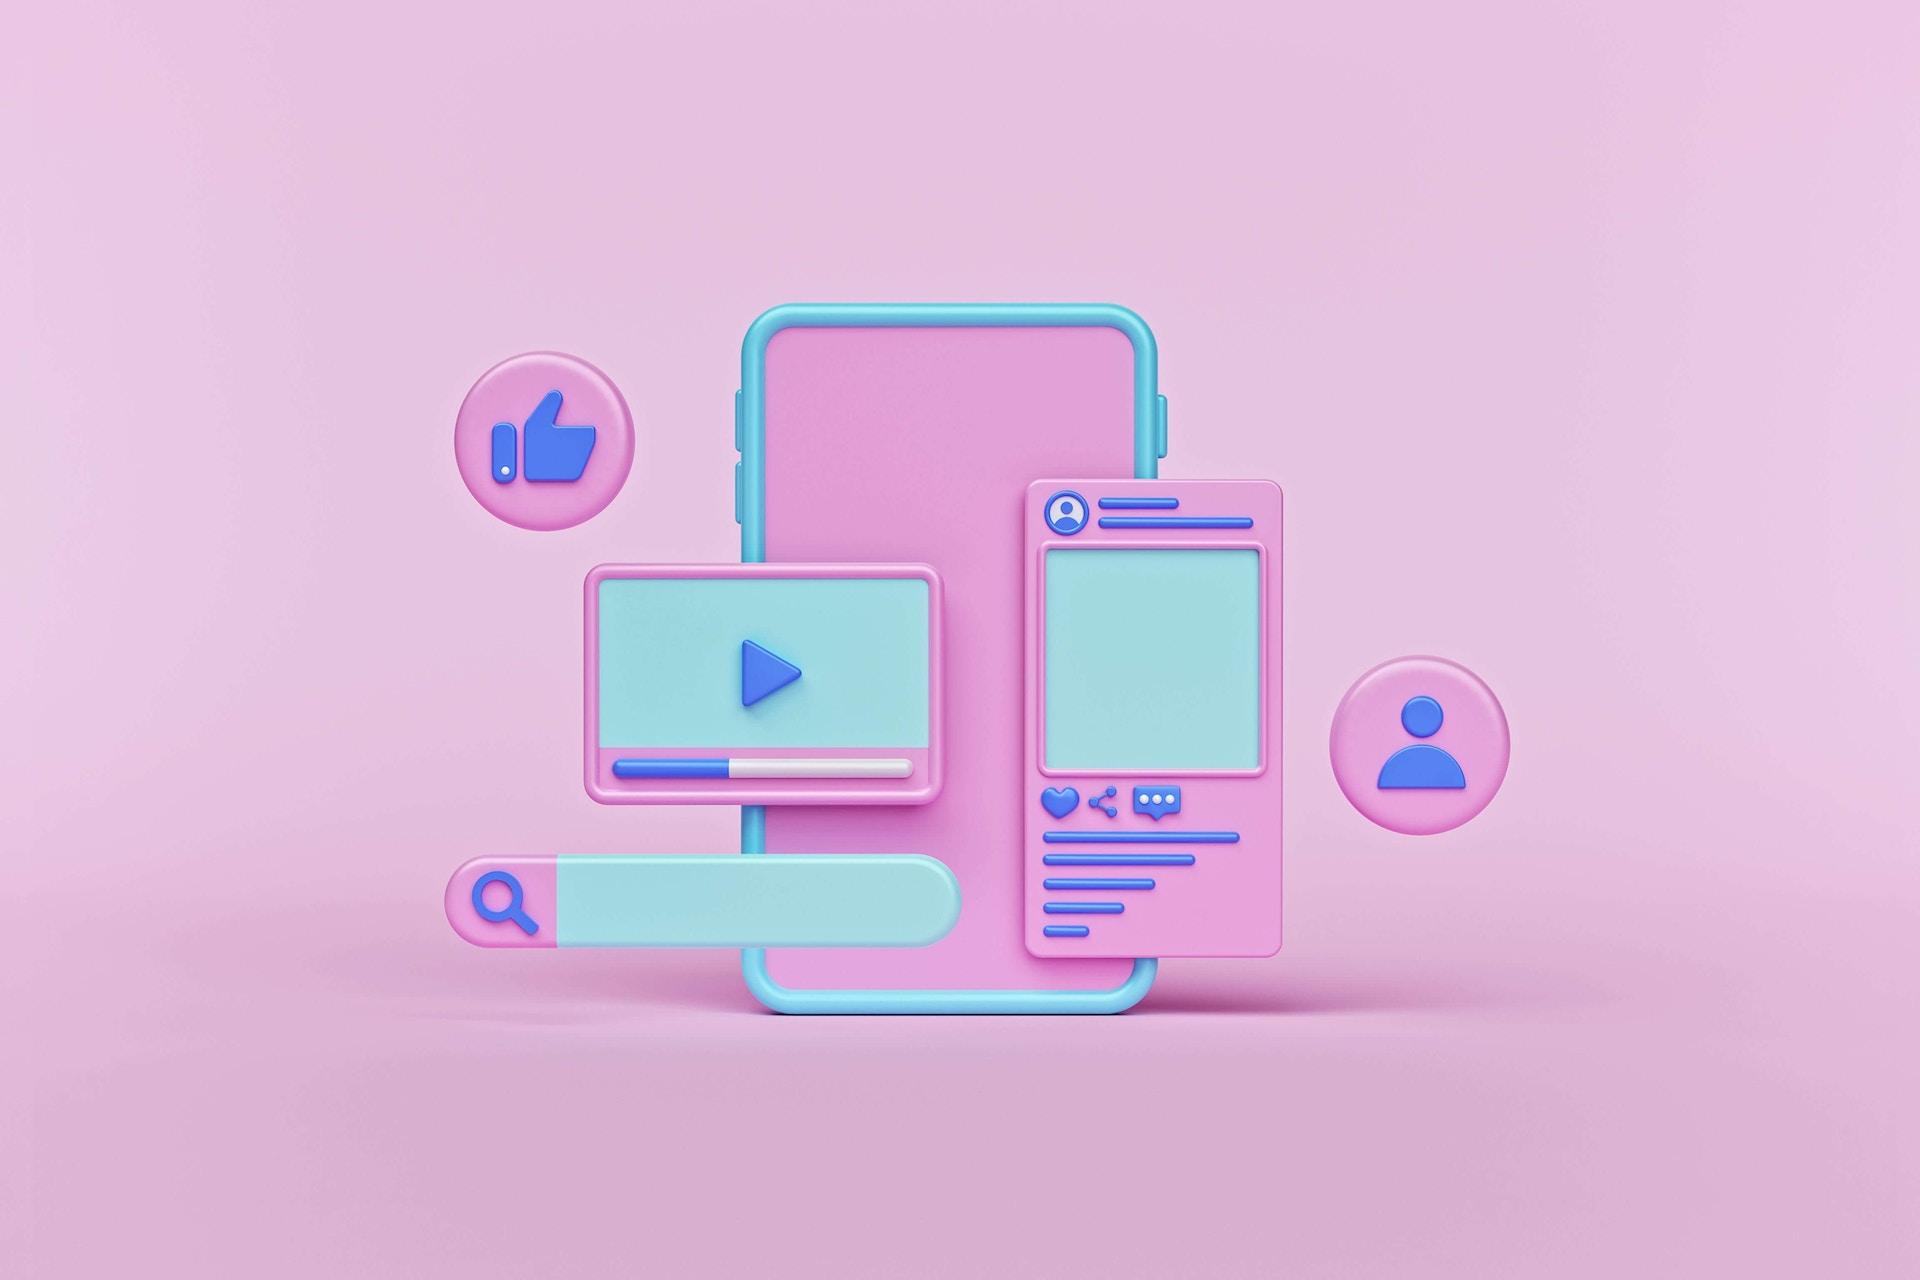 Man sieht einen pinken Hintergrund mit knetartigen Social Media Elementen darauf. Beispielsweise einen Videoplayer, ein Like, Einen Post und eine Suche. Das Bild ist das Titelbild unseres Beitrags zu Social Media Walls.